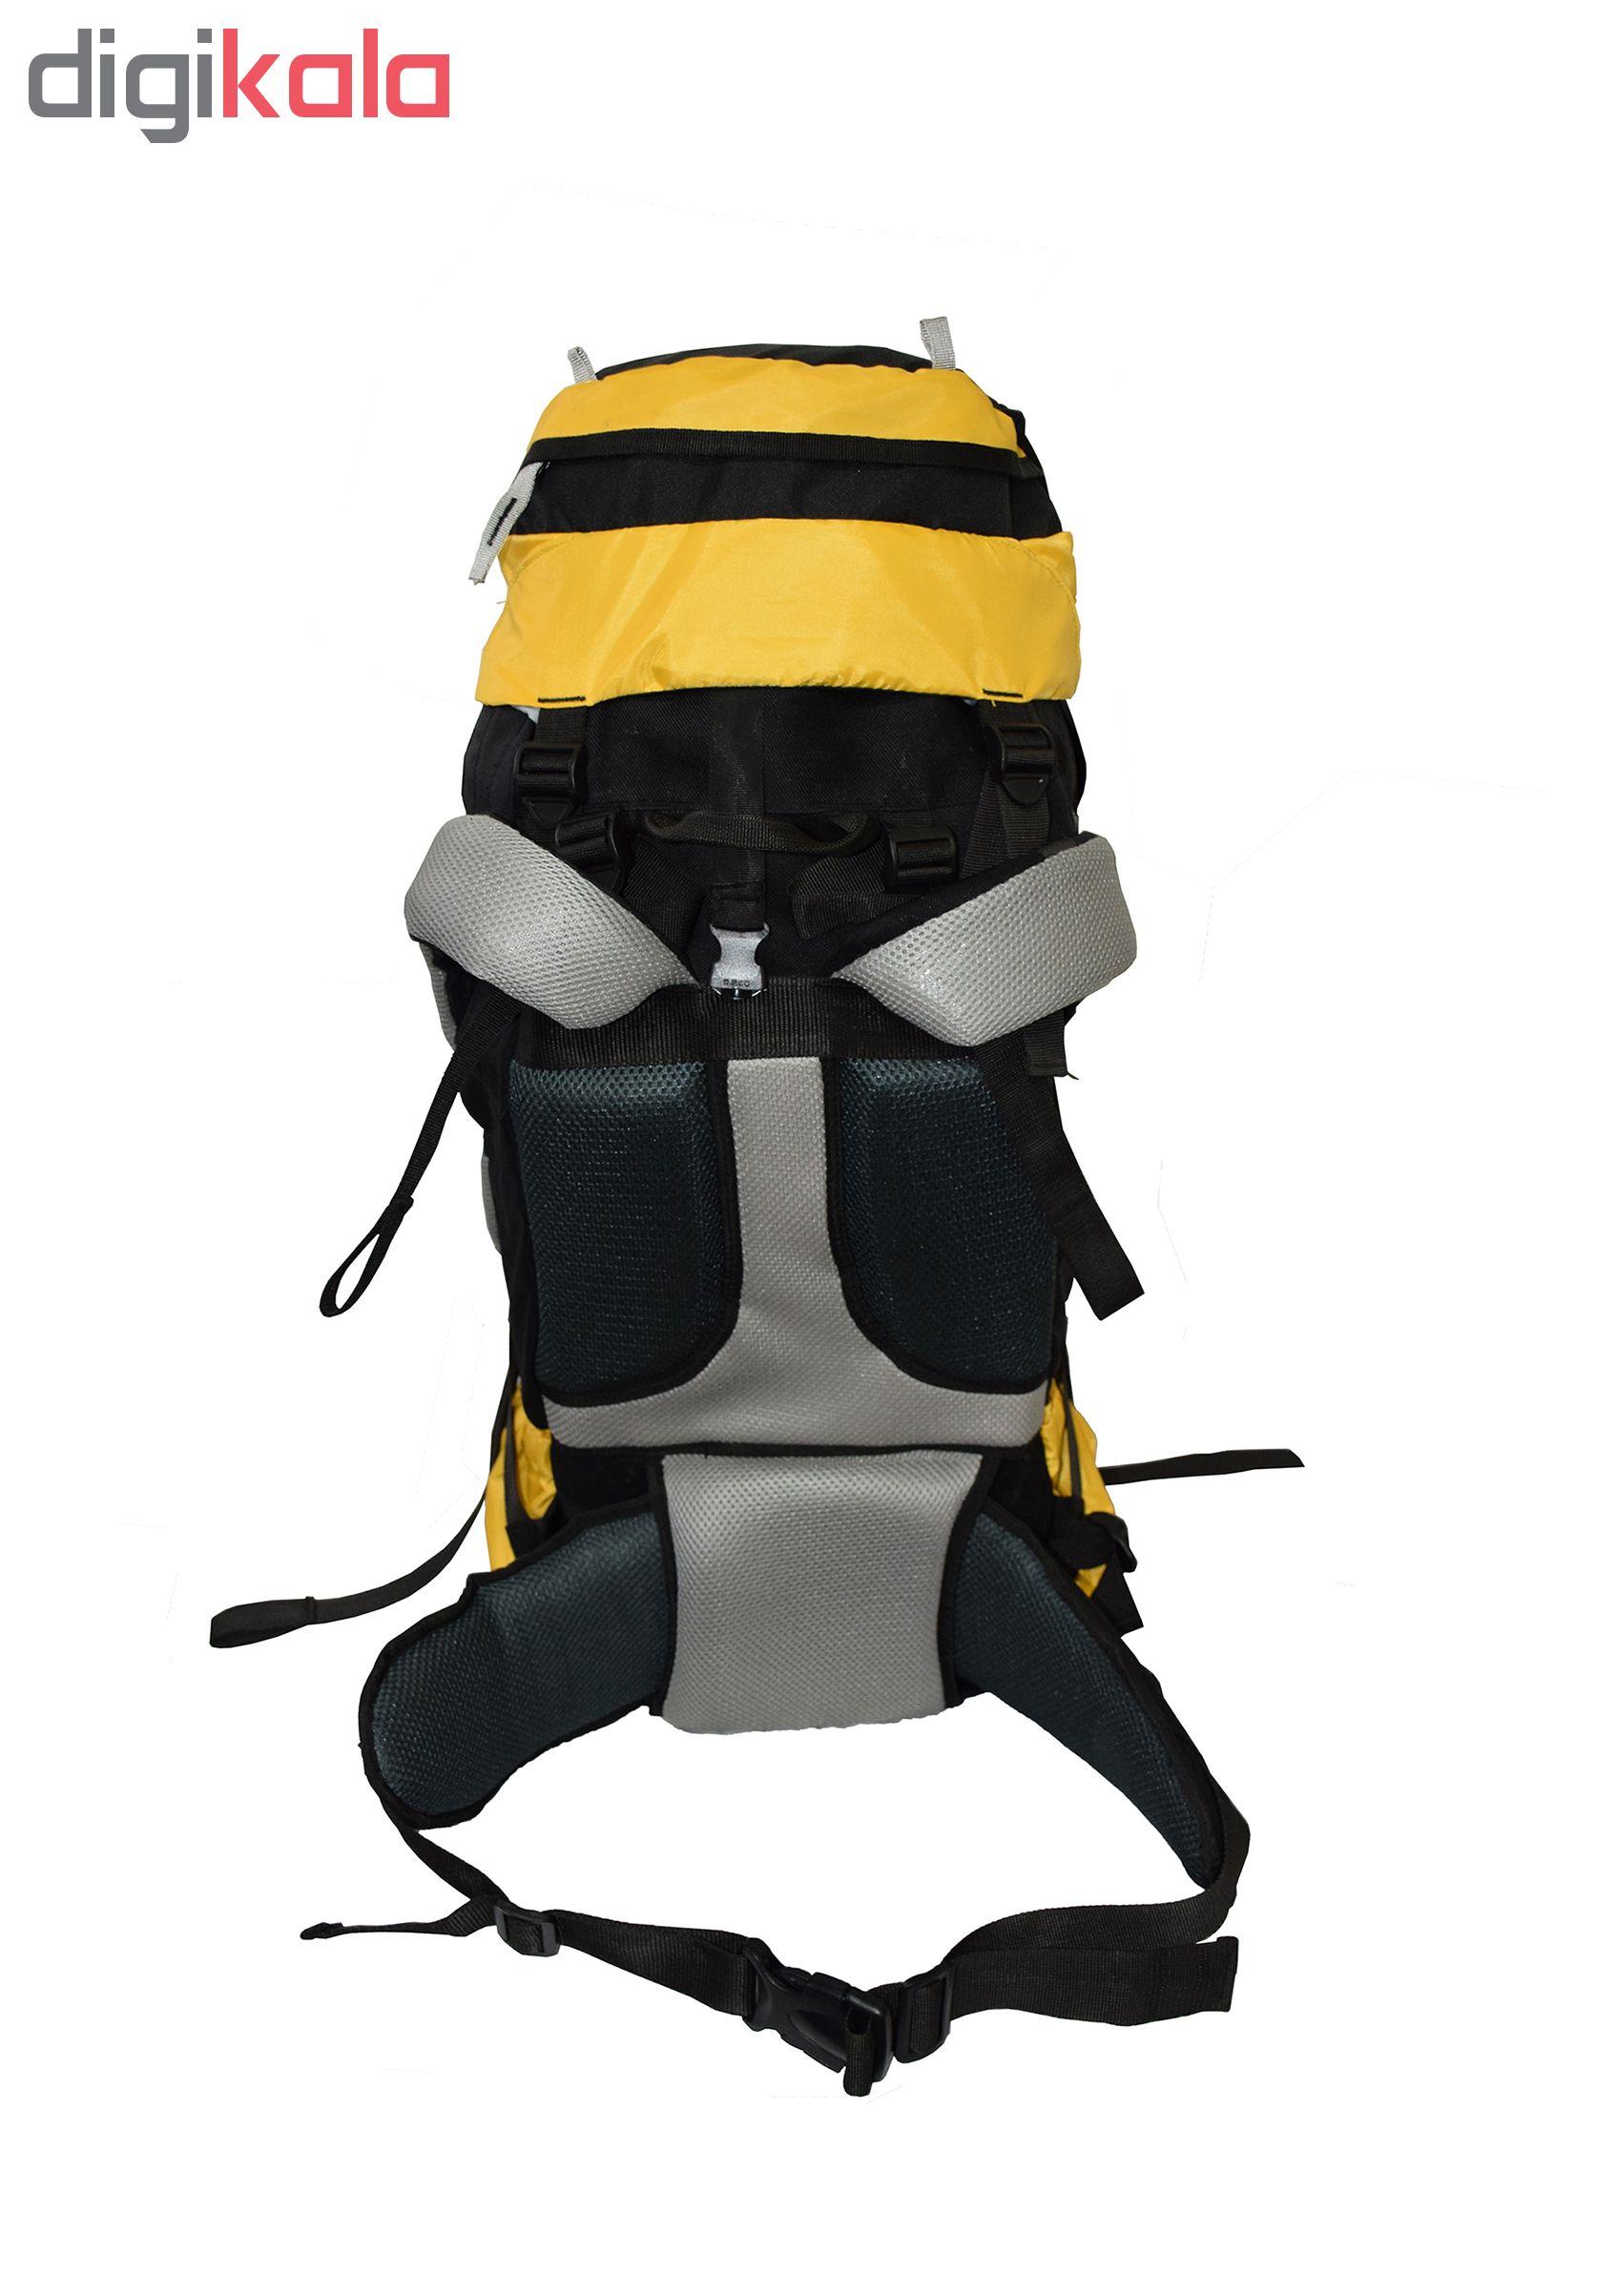 کوله پشتی کوهنوردی 55 لیتری 5.11 مدل AG3001 main 1 5